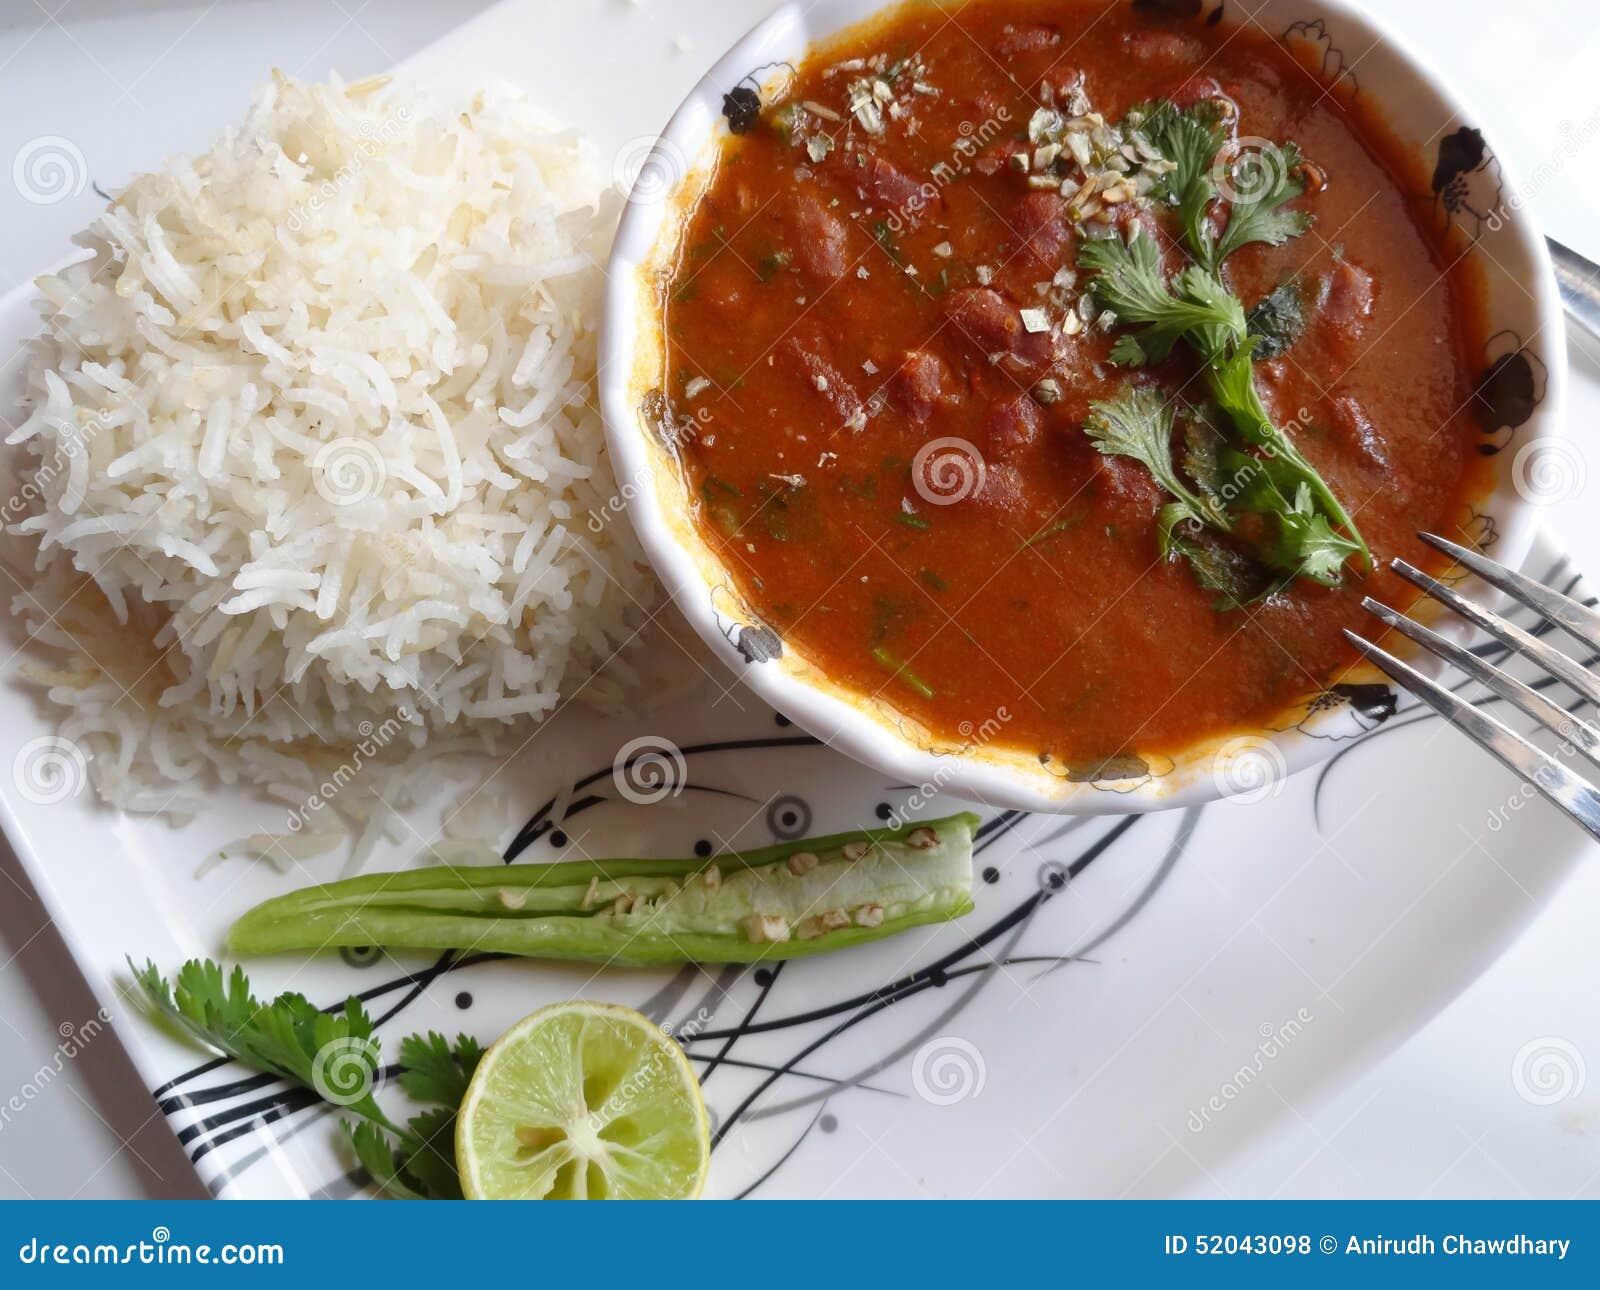 Czerwony Cynaderki Fasoli Sos Z Ryz Indyjska Kuchnia Zdjecie Stock